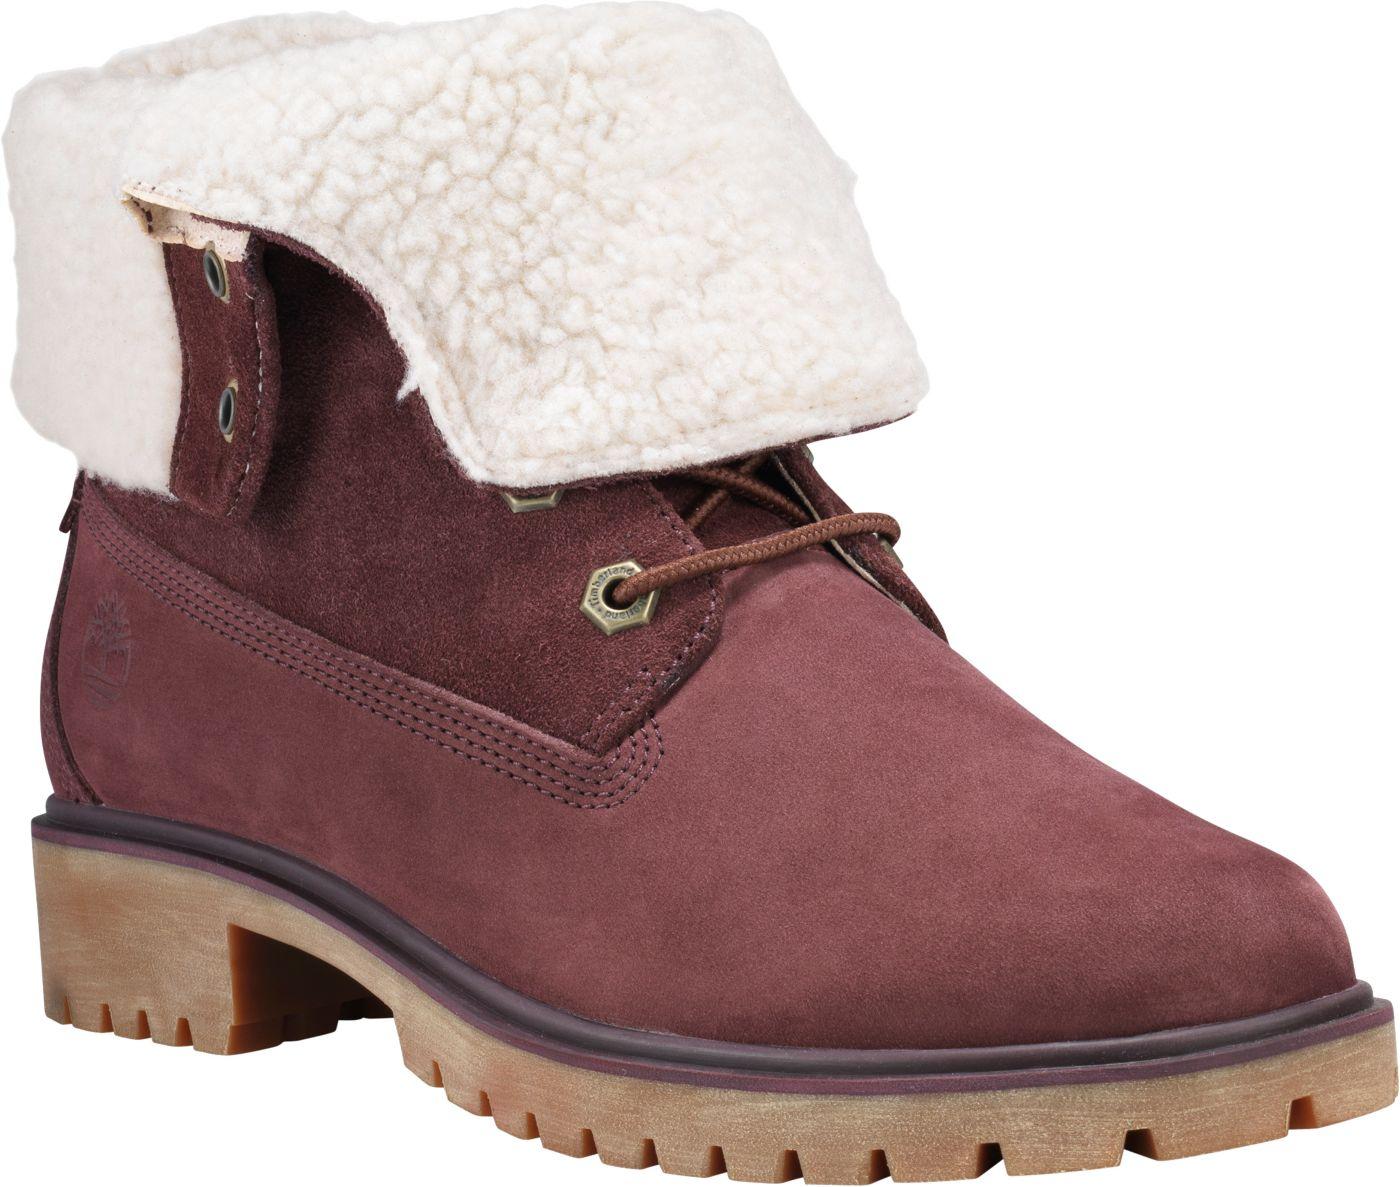 Timberland Women's Jayne Fleece Fold-Down Waterproof Boots